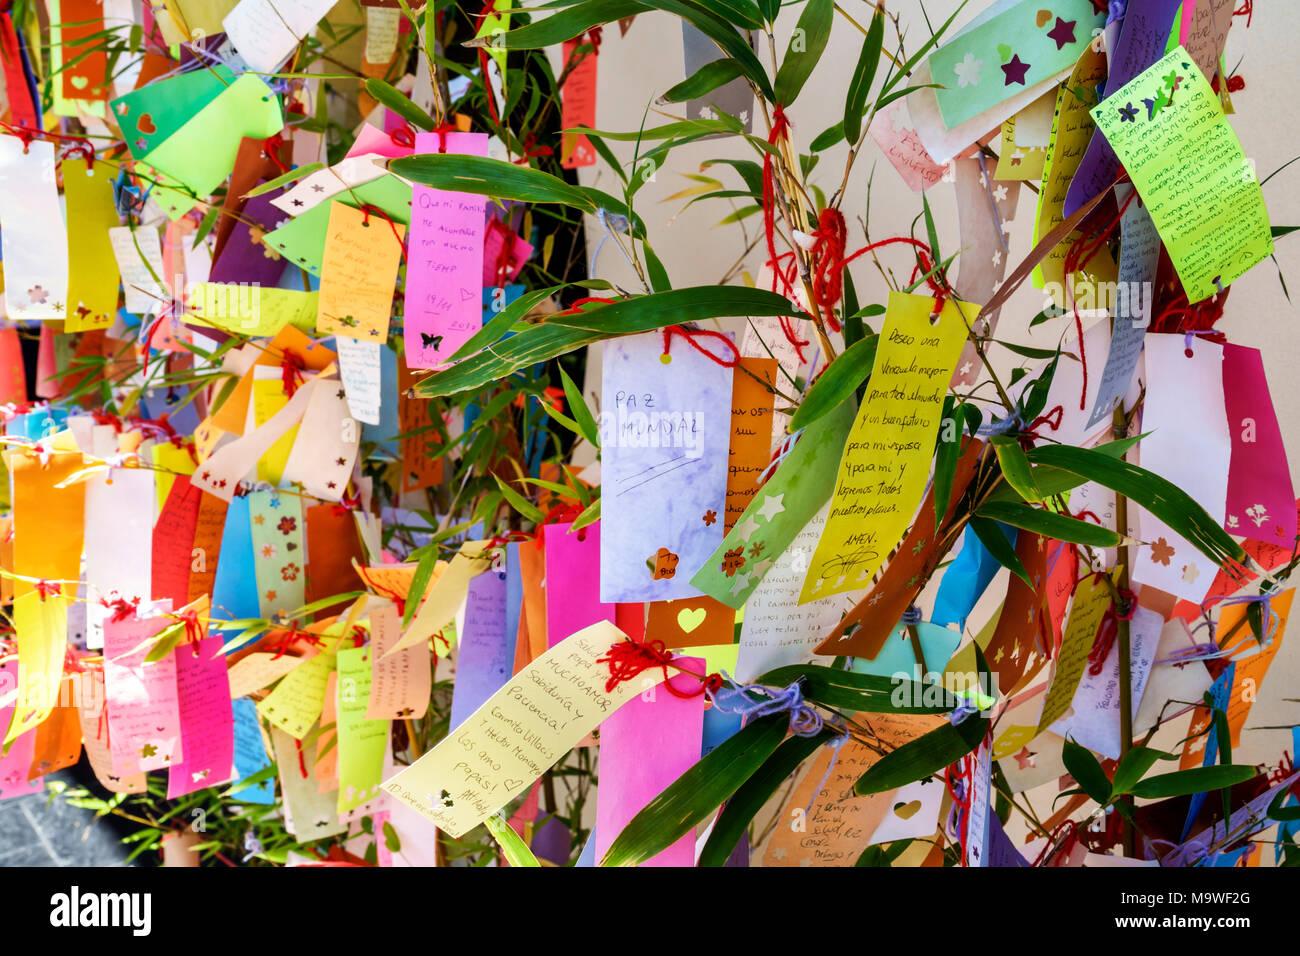 Argentina, Buenos Aires, Recoleta, Jardín Japonés Jardin Japones, Botánico, árbol de deseos, Tanzaku colgado de bambú, papel colorido, visita turística Foto de stock